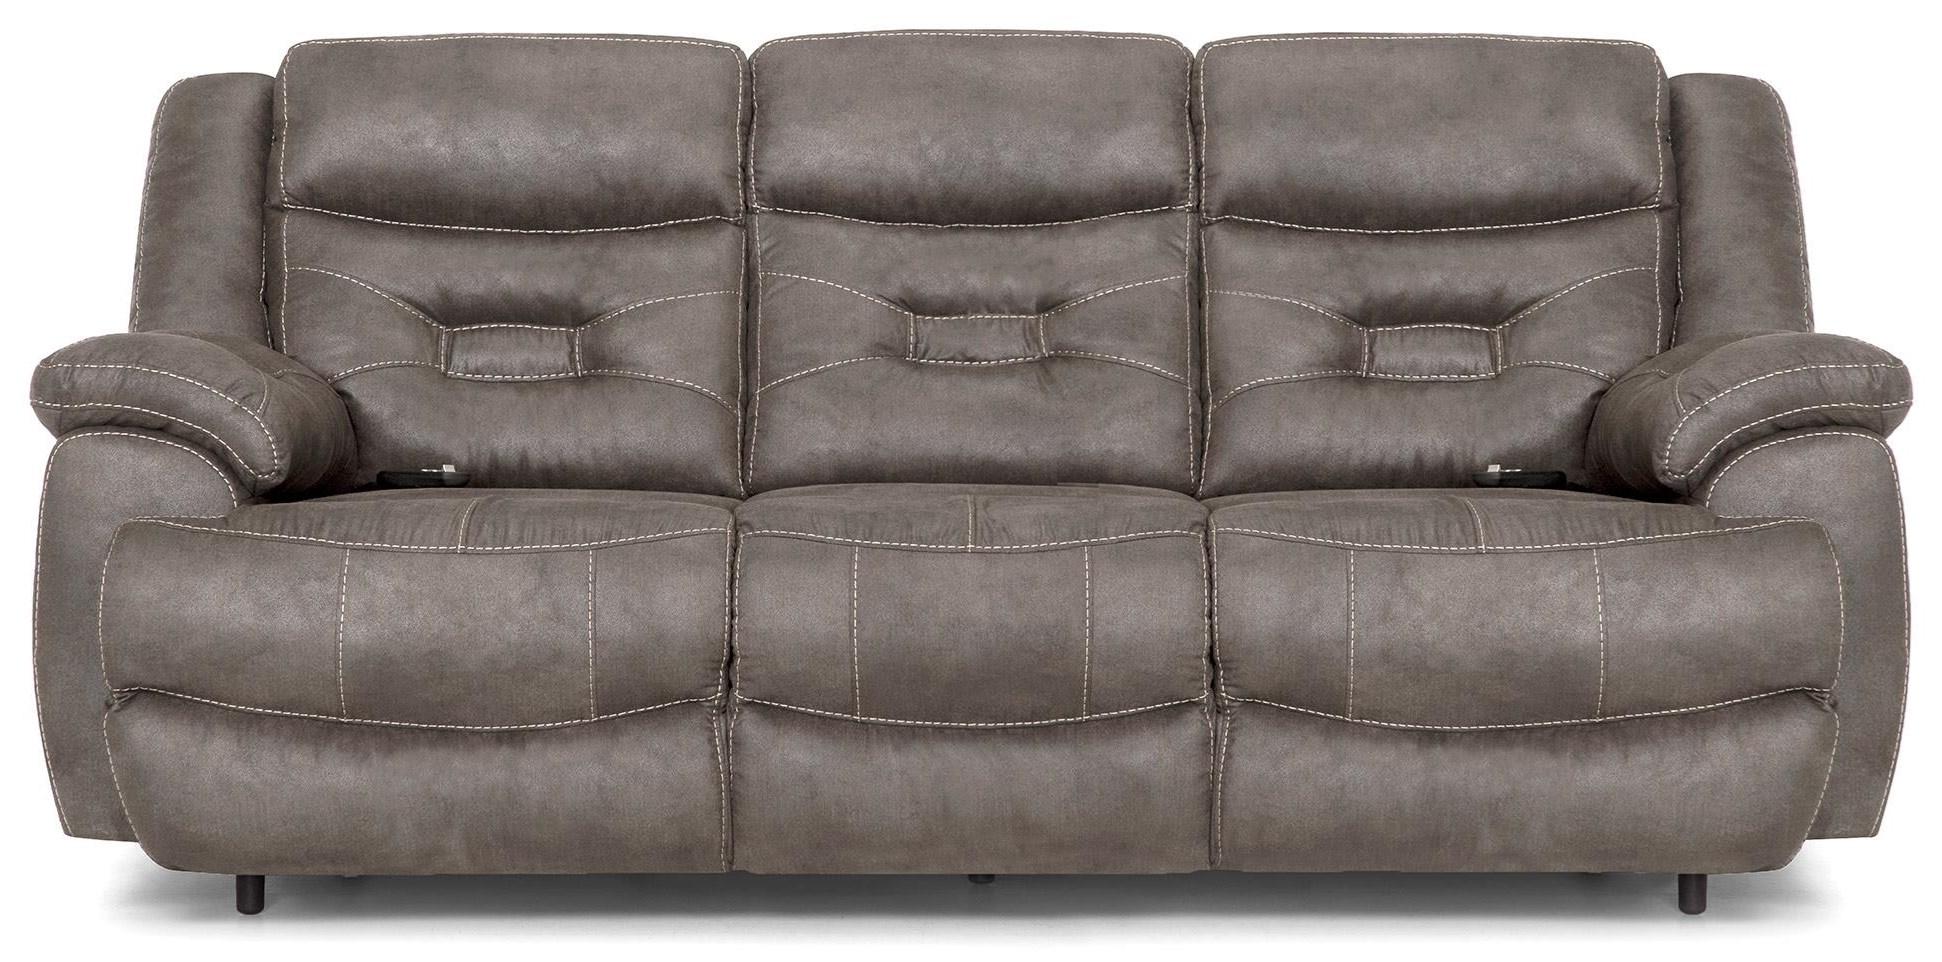 Grey Pwr Recl Sofa w/Pwr Head & Lumbar